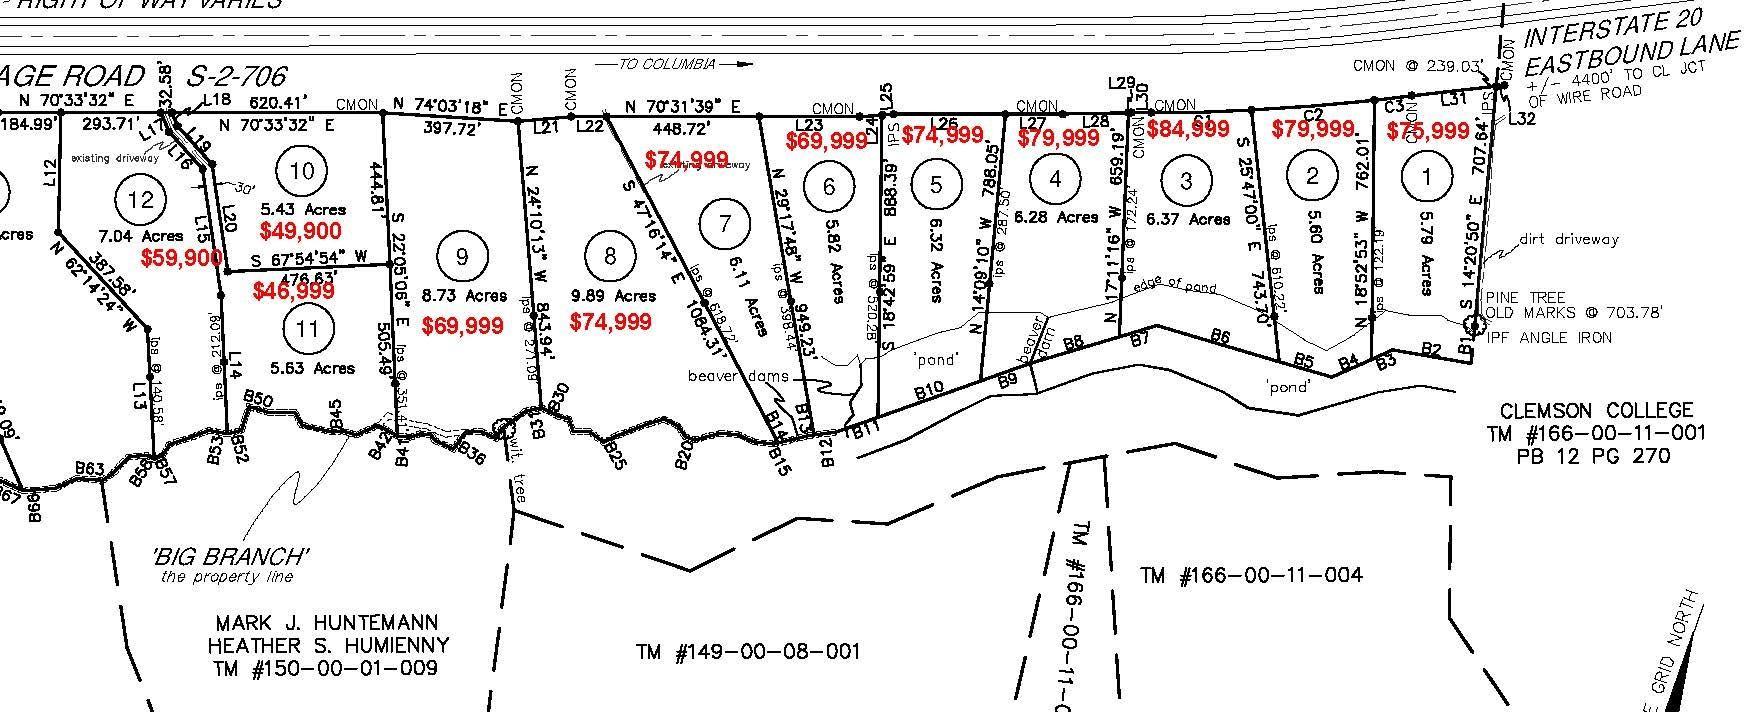 400 E Frontage Road Aiken, SC 29805